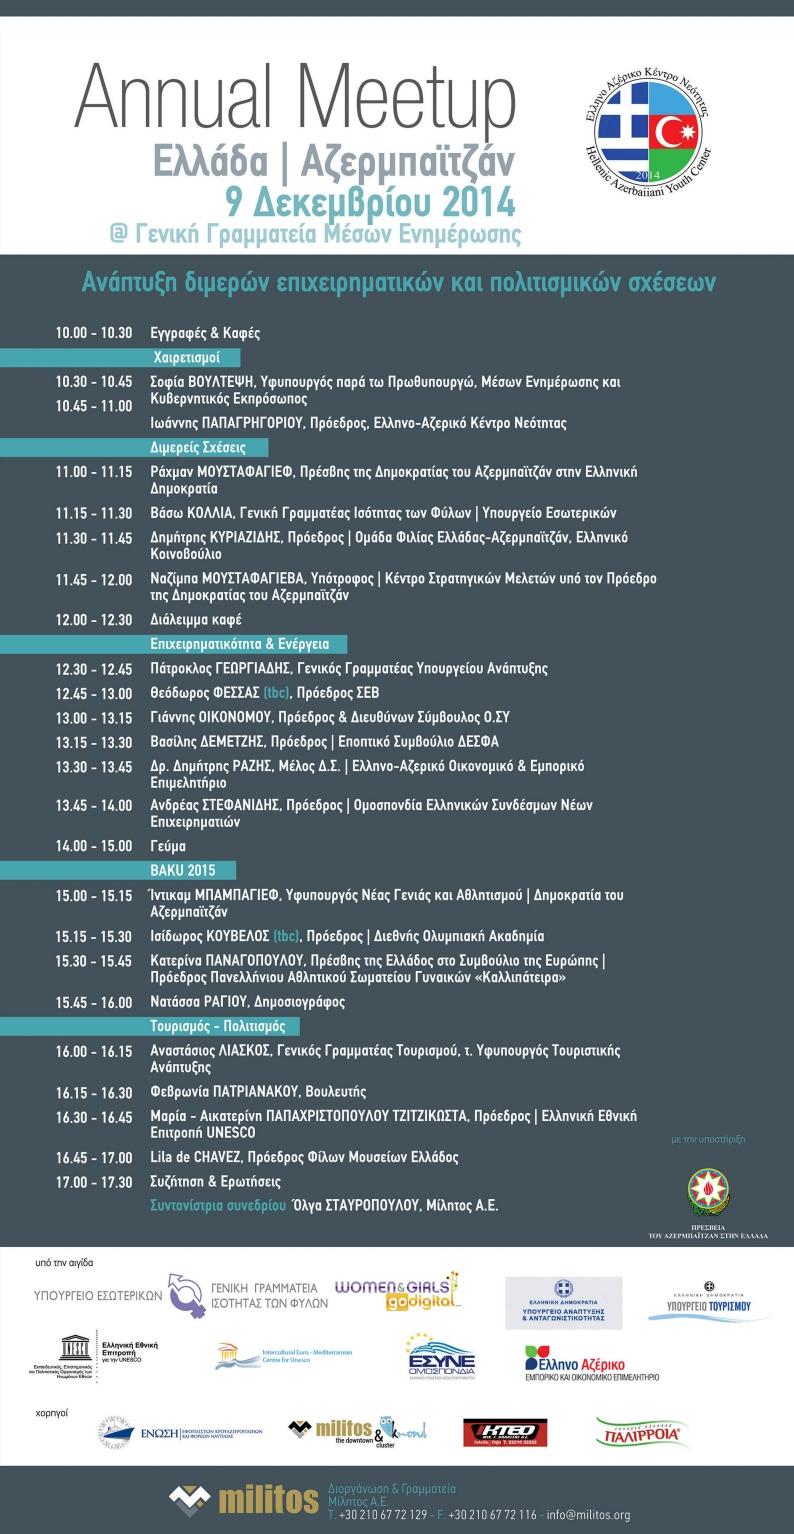 Ετήσια διμερής συνάντηση:  Ελλάδα - Αζερμπαϊτζάν, με θέμα